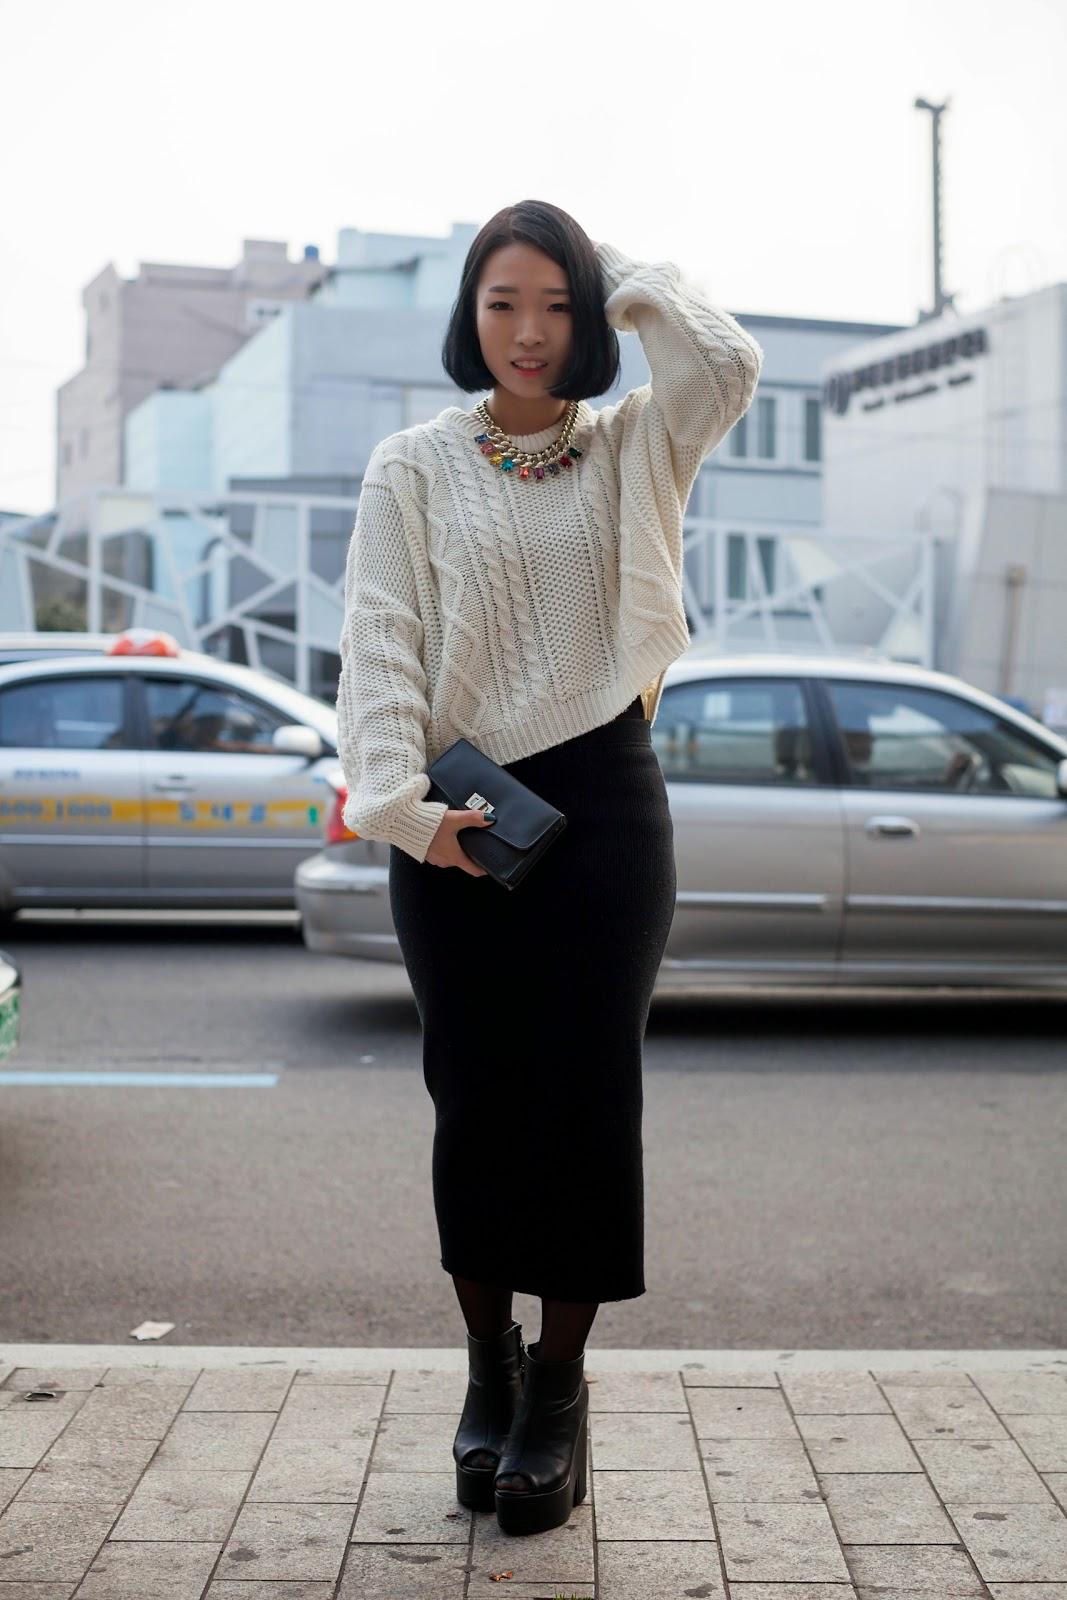 fb742ec486ef On the street... Ko Yujung Busan ~ echeveau